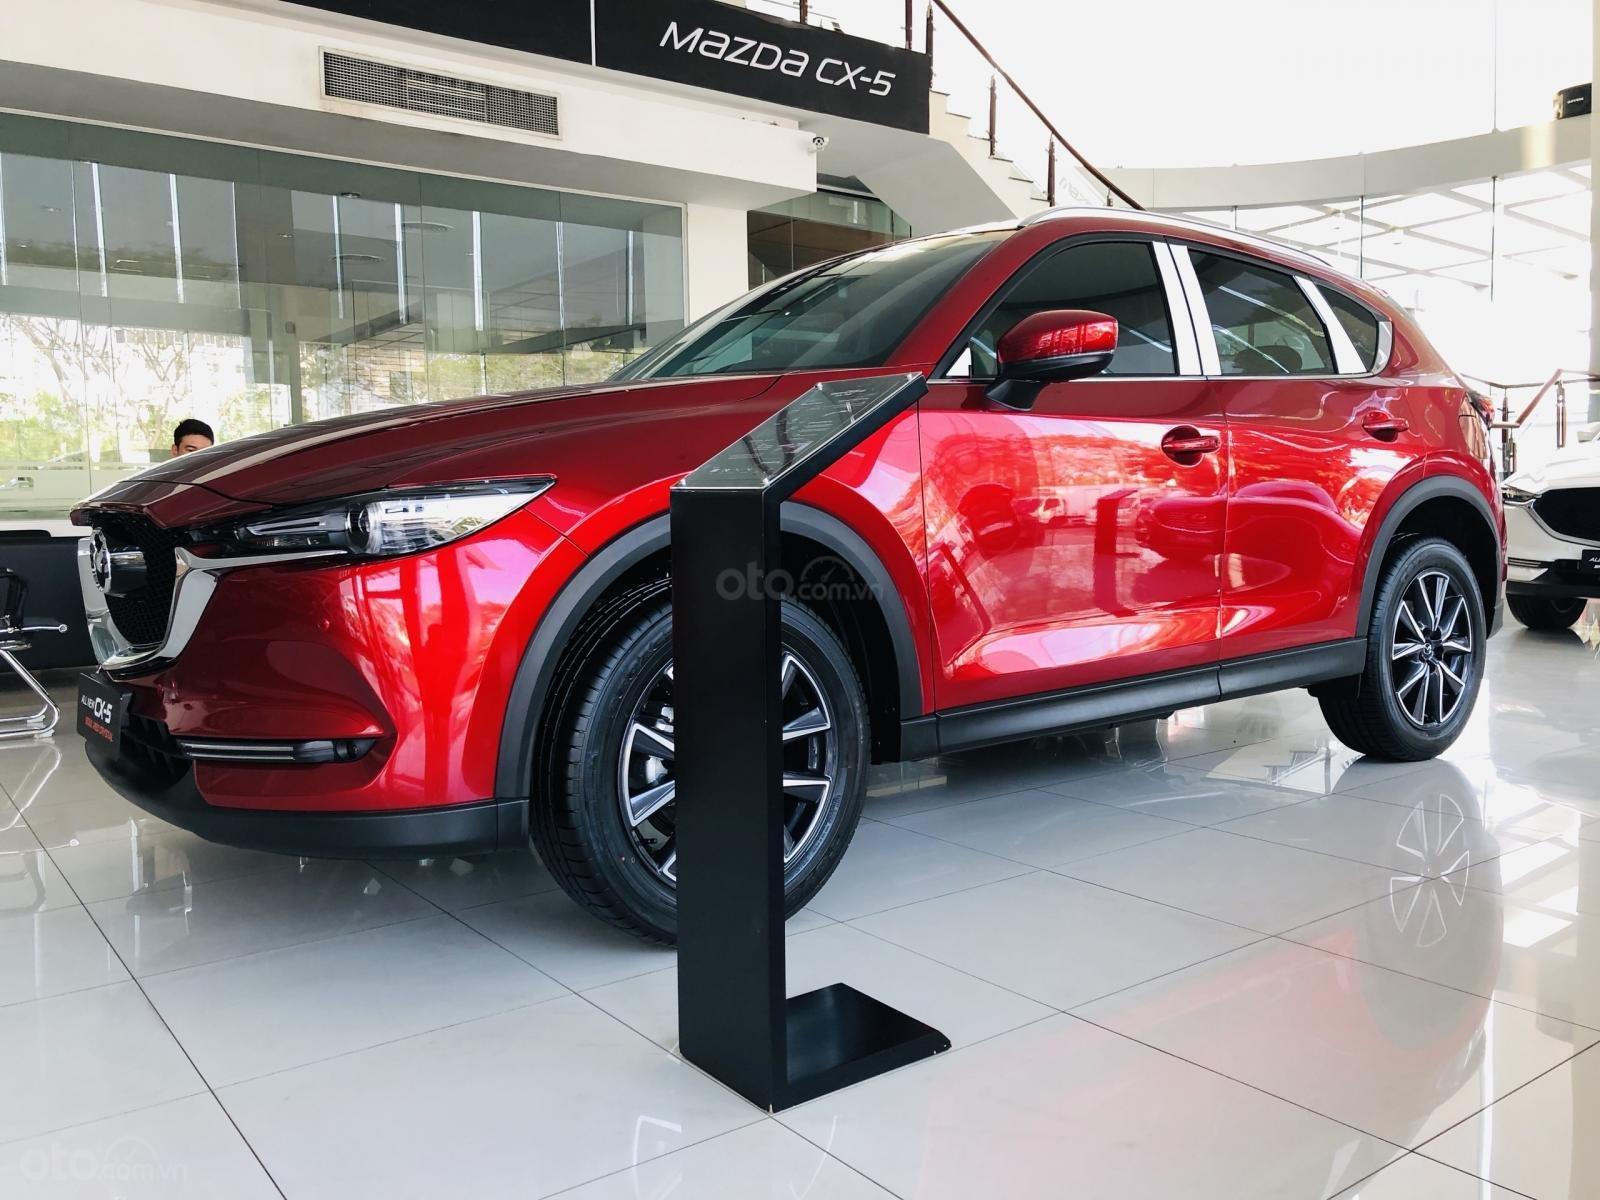 Nhanh tay sở hữu Mazda CX-5 2.5 2WD 2019 - Tặng bảo hiểm vật chất + giảm tiền mặt hấp dẫn (1)